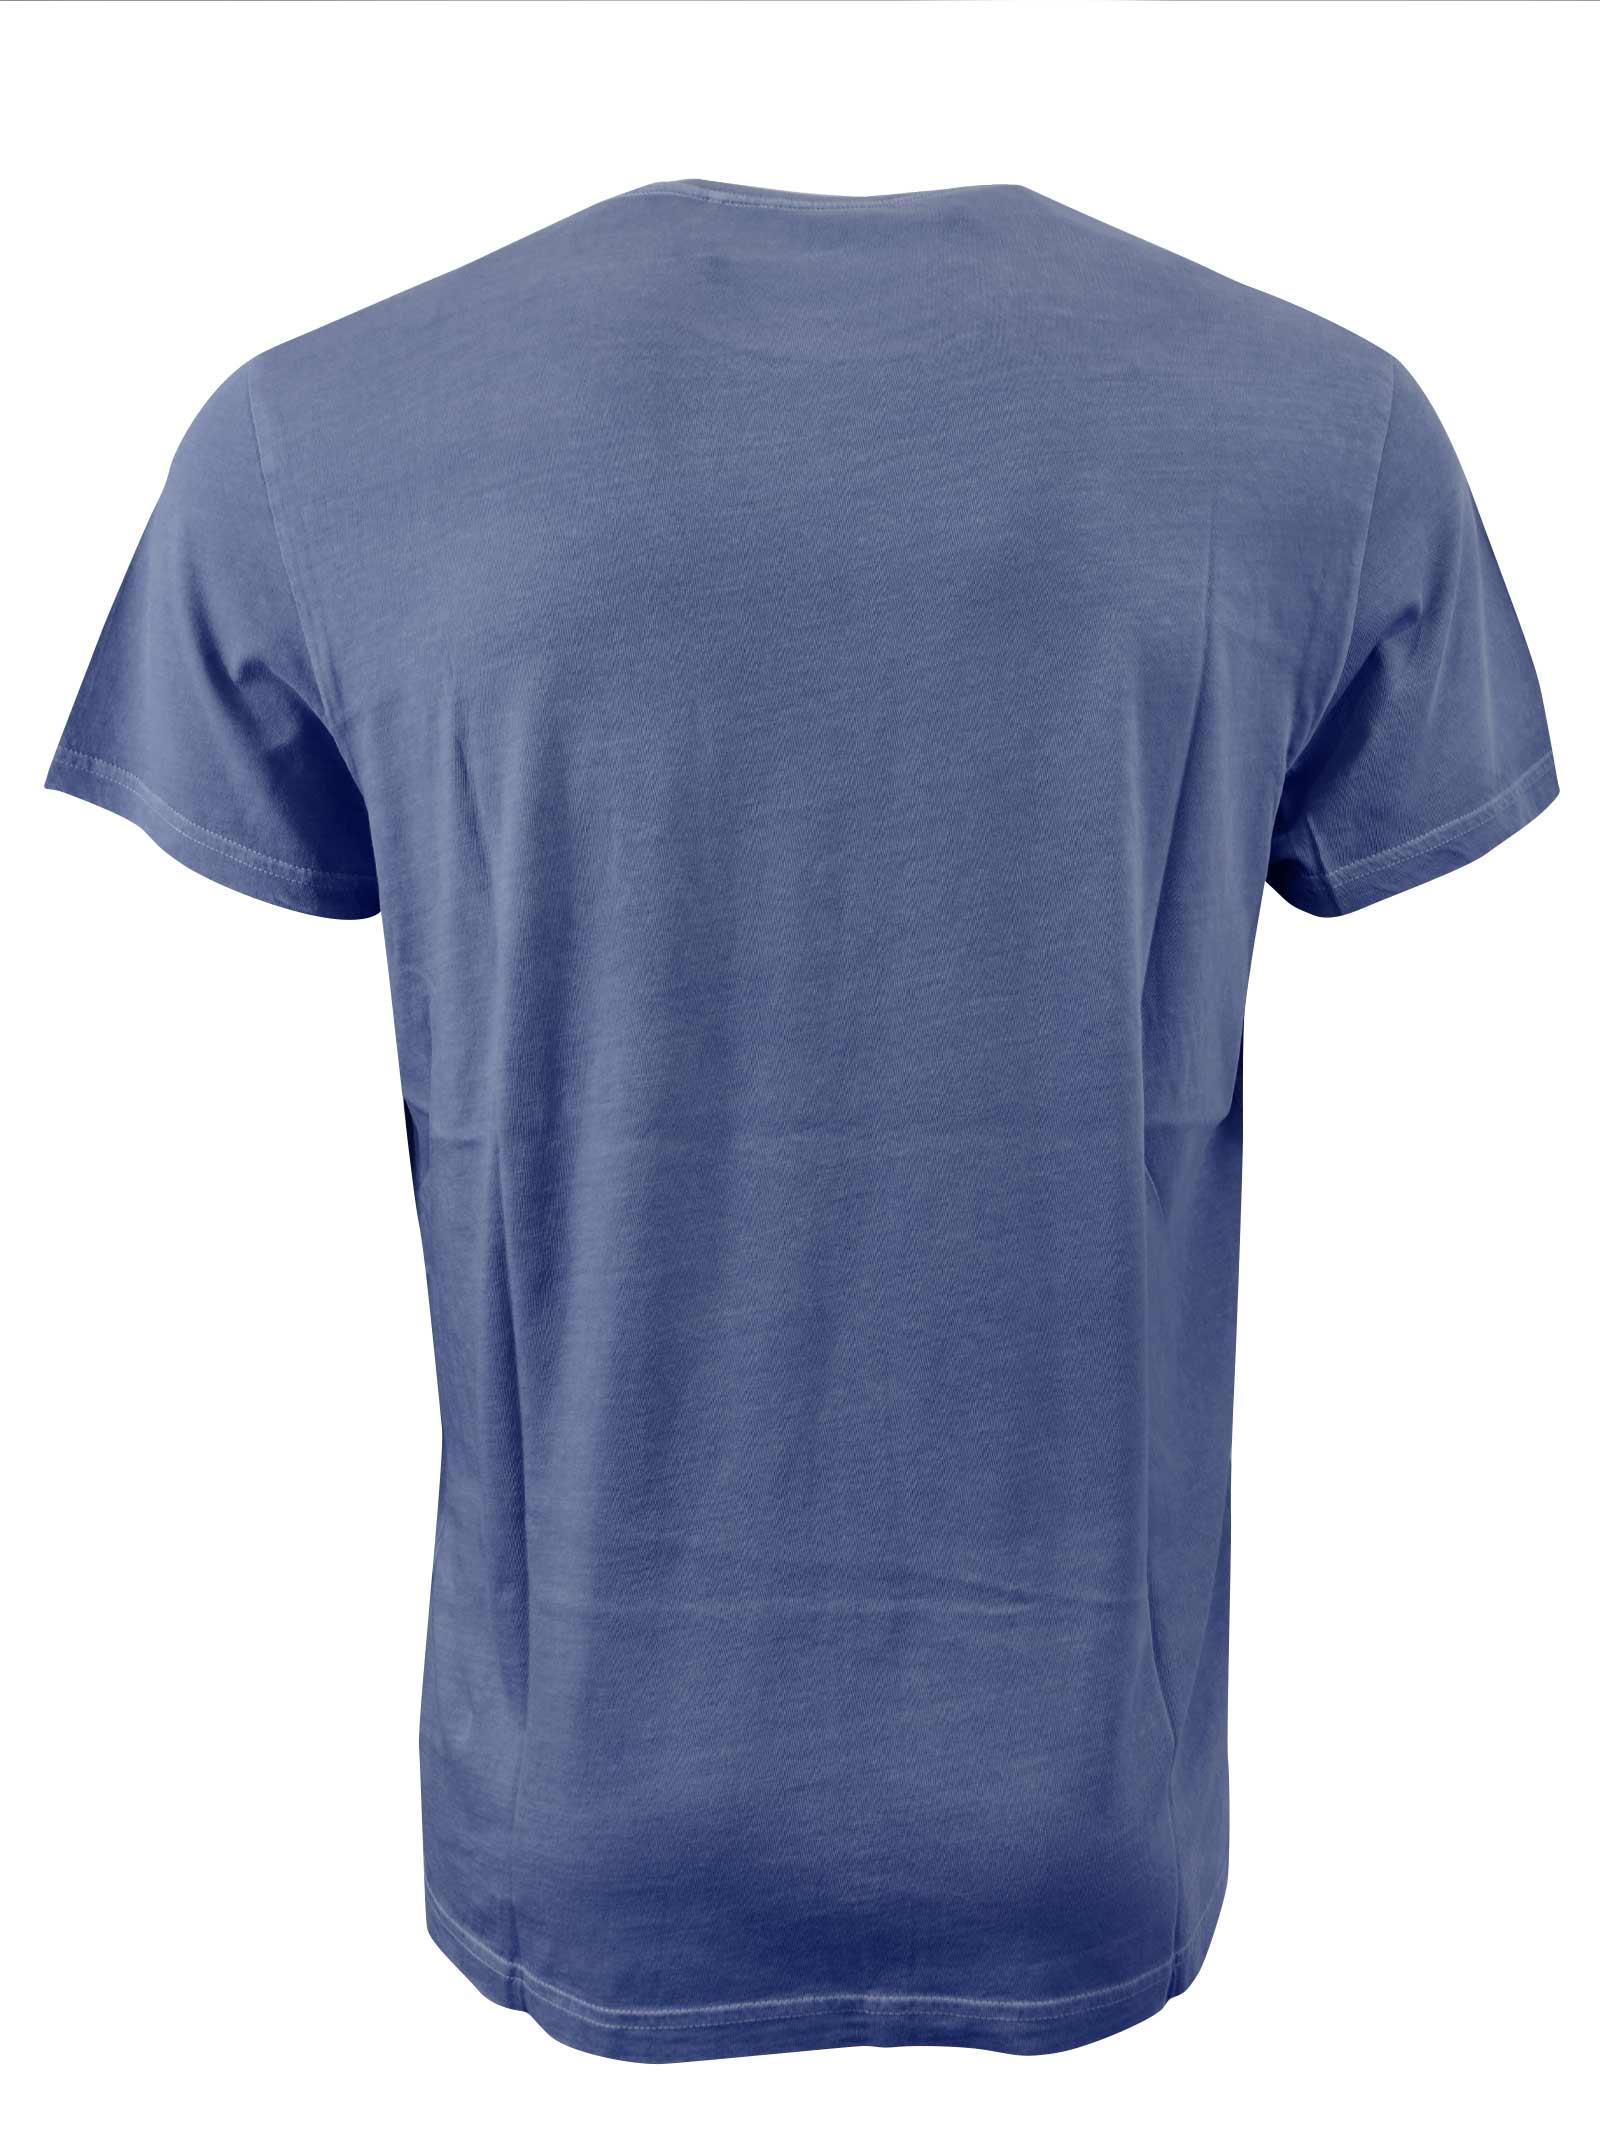 GANT | T-shirts | 2053006461